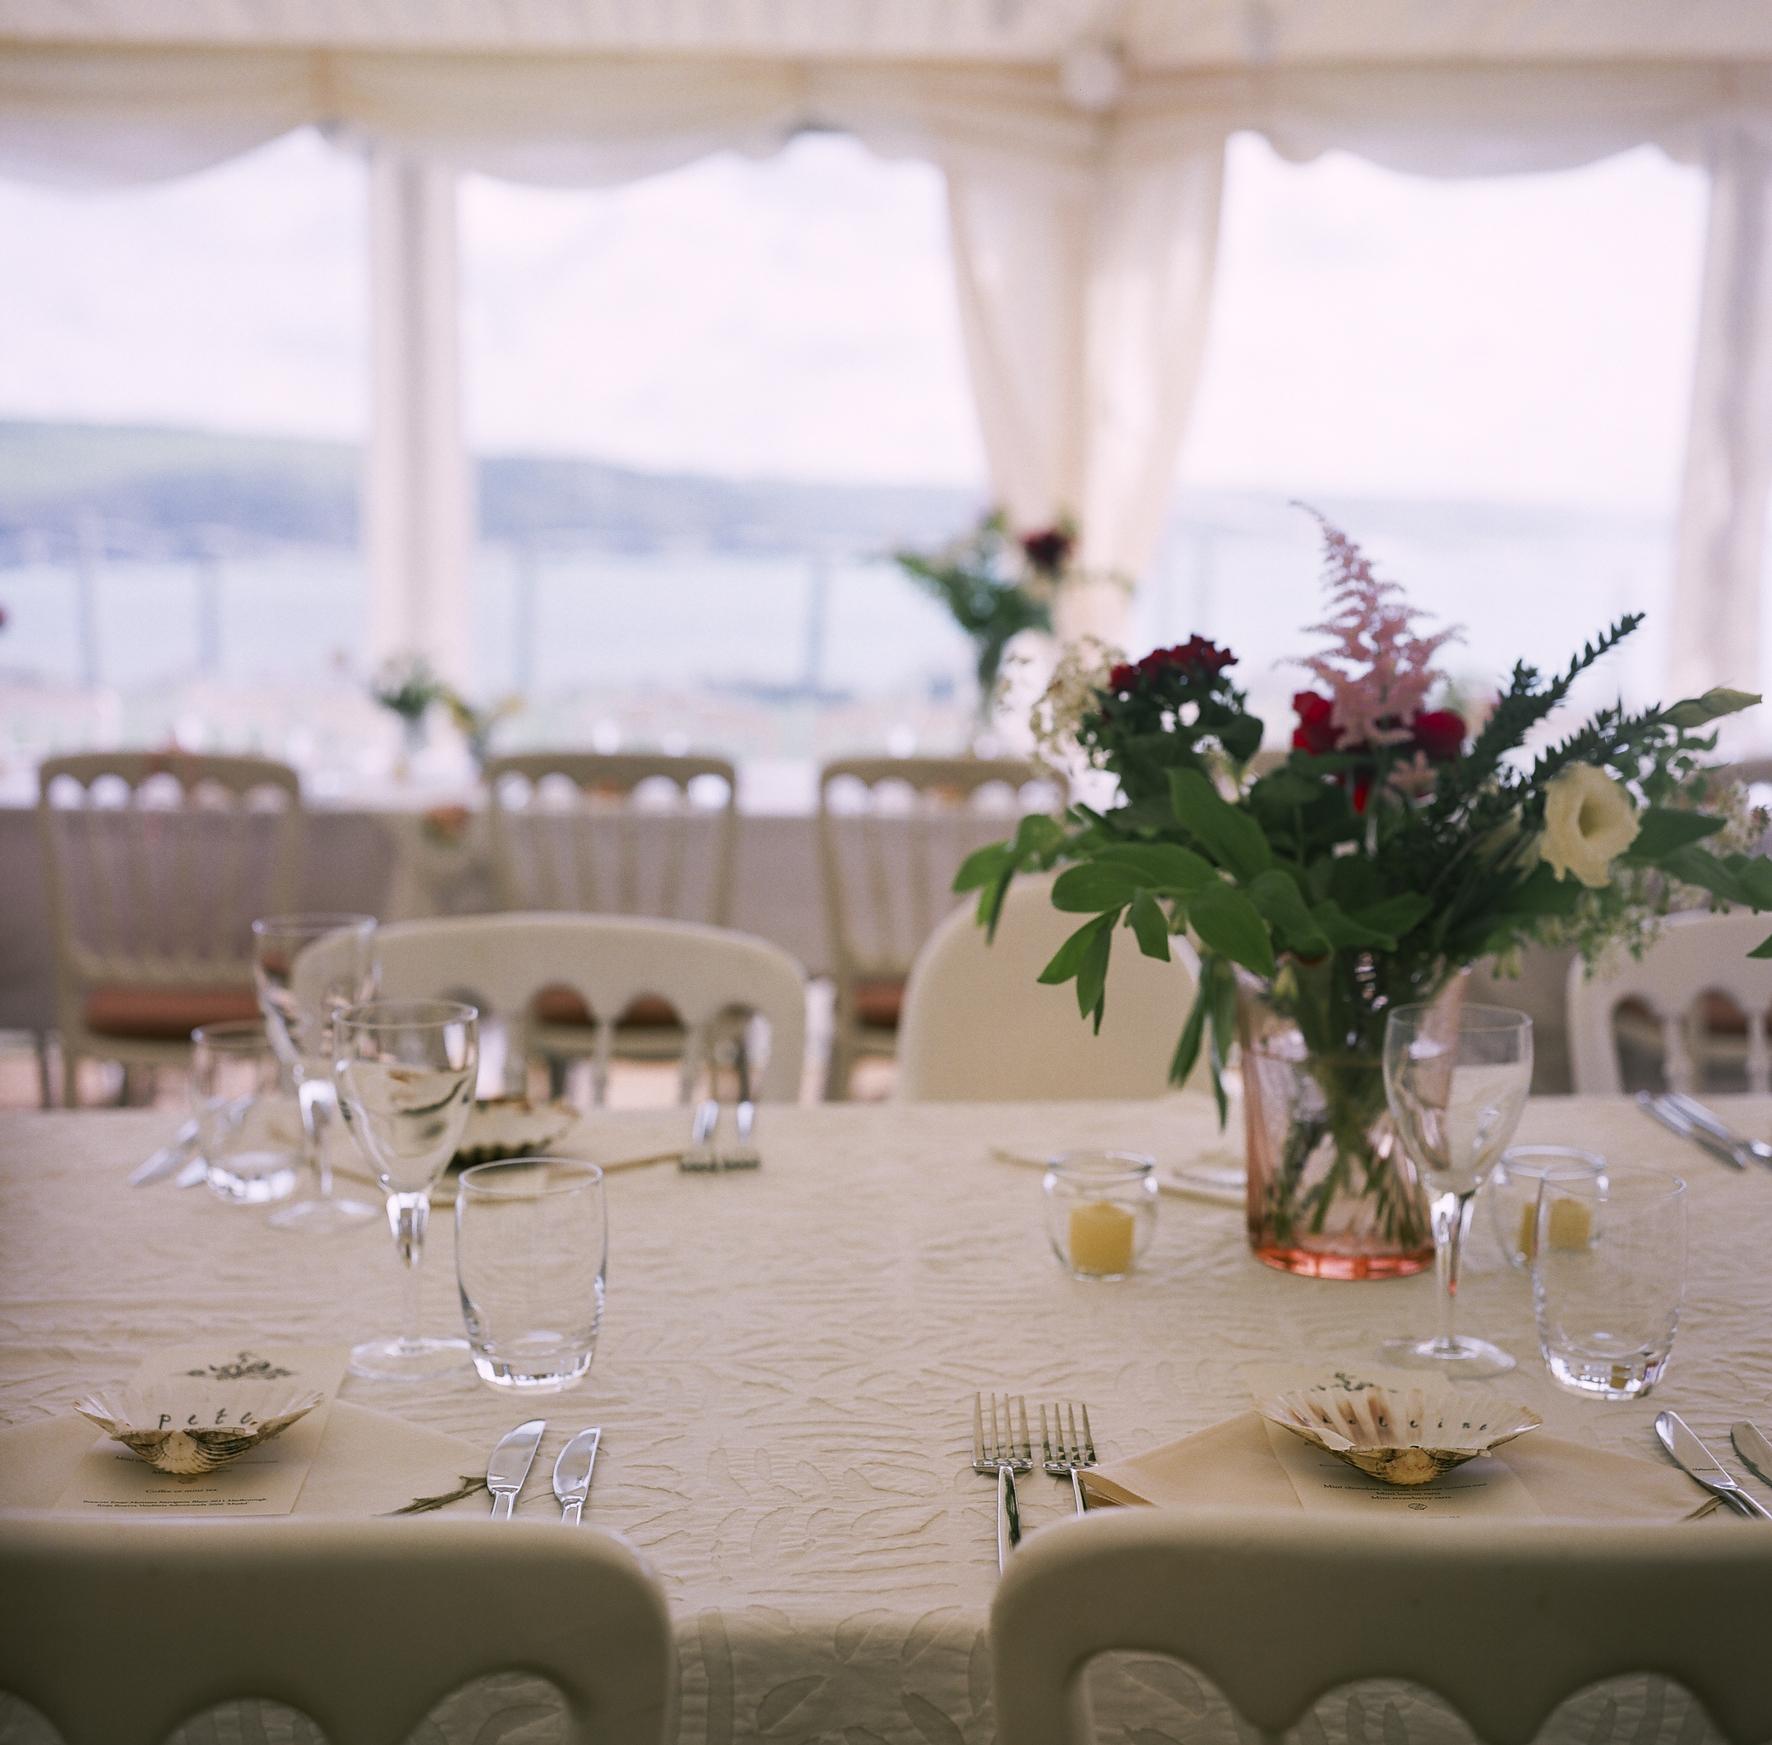 Wedding example_M&P_92540001_Claudia Leisinger.jpg